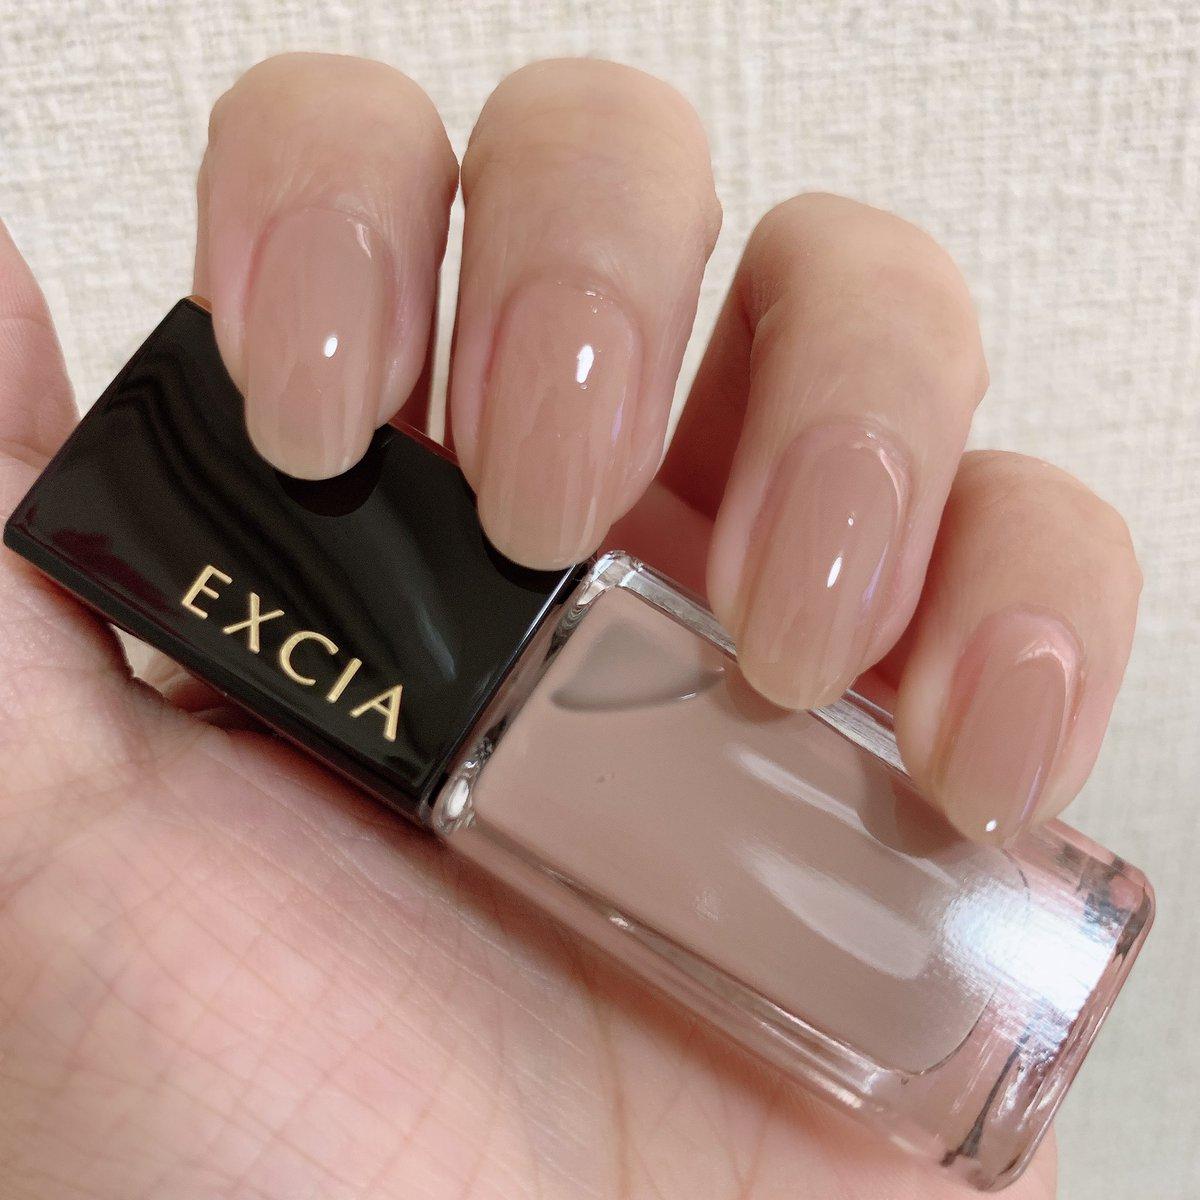 エクシアの06、スーパーナチュラルに指先が綺麗になるベージュです。これは爪用ファンデと言っていい。ベージュは沢山持っているからと思っていたのですが、接客いただいたBAさんの指先が目を惹き、尋ねるとこのお色だった。1,2枚目は2度塗りで3枚目は一度塗りだよ。高質な爪用ファンデーション。